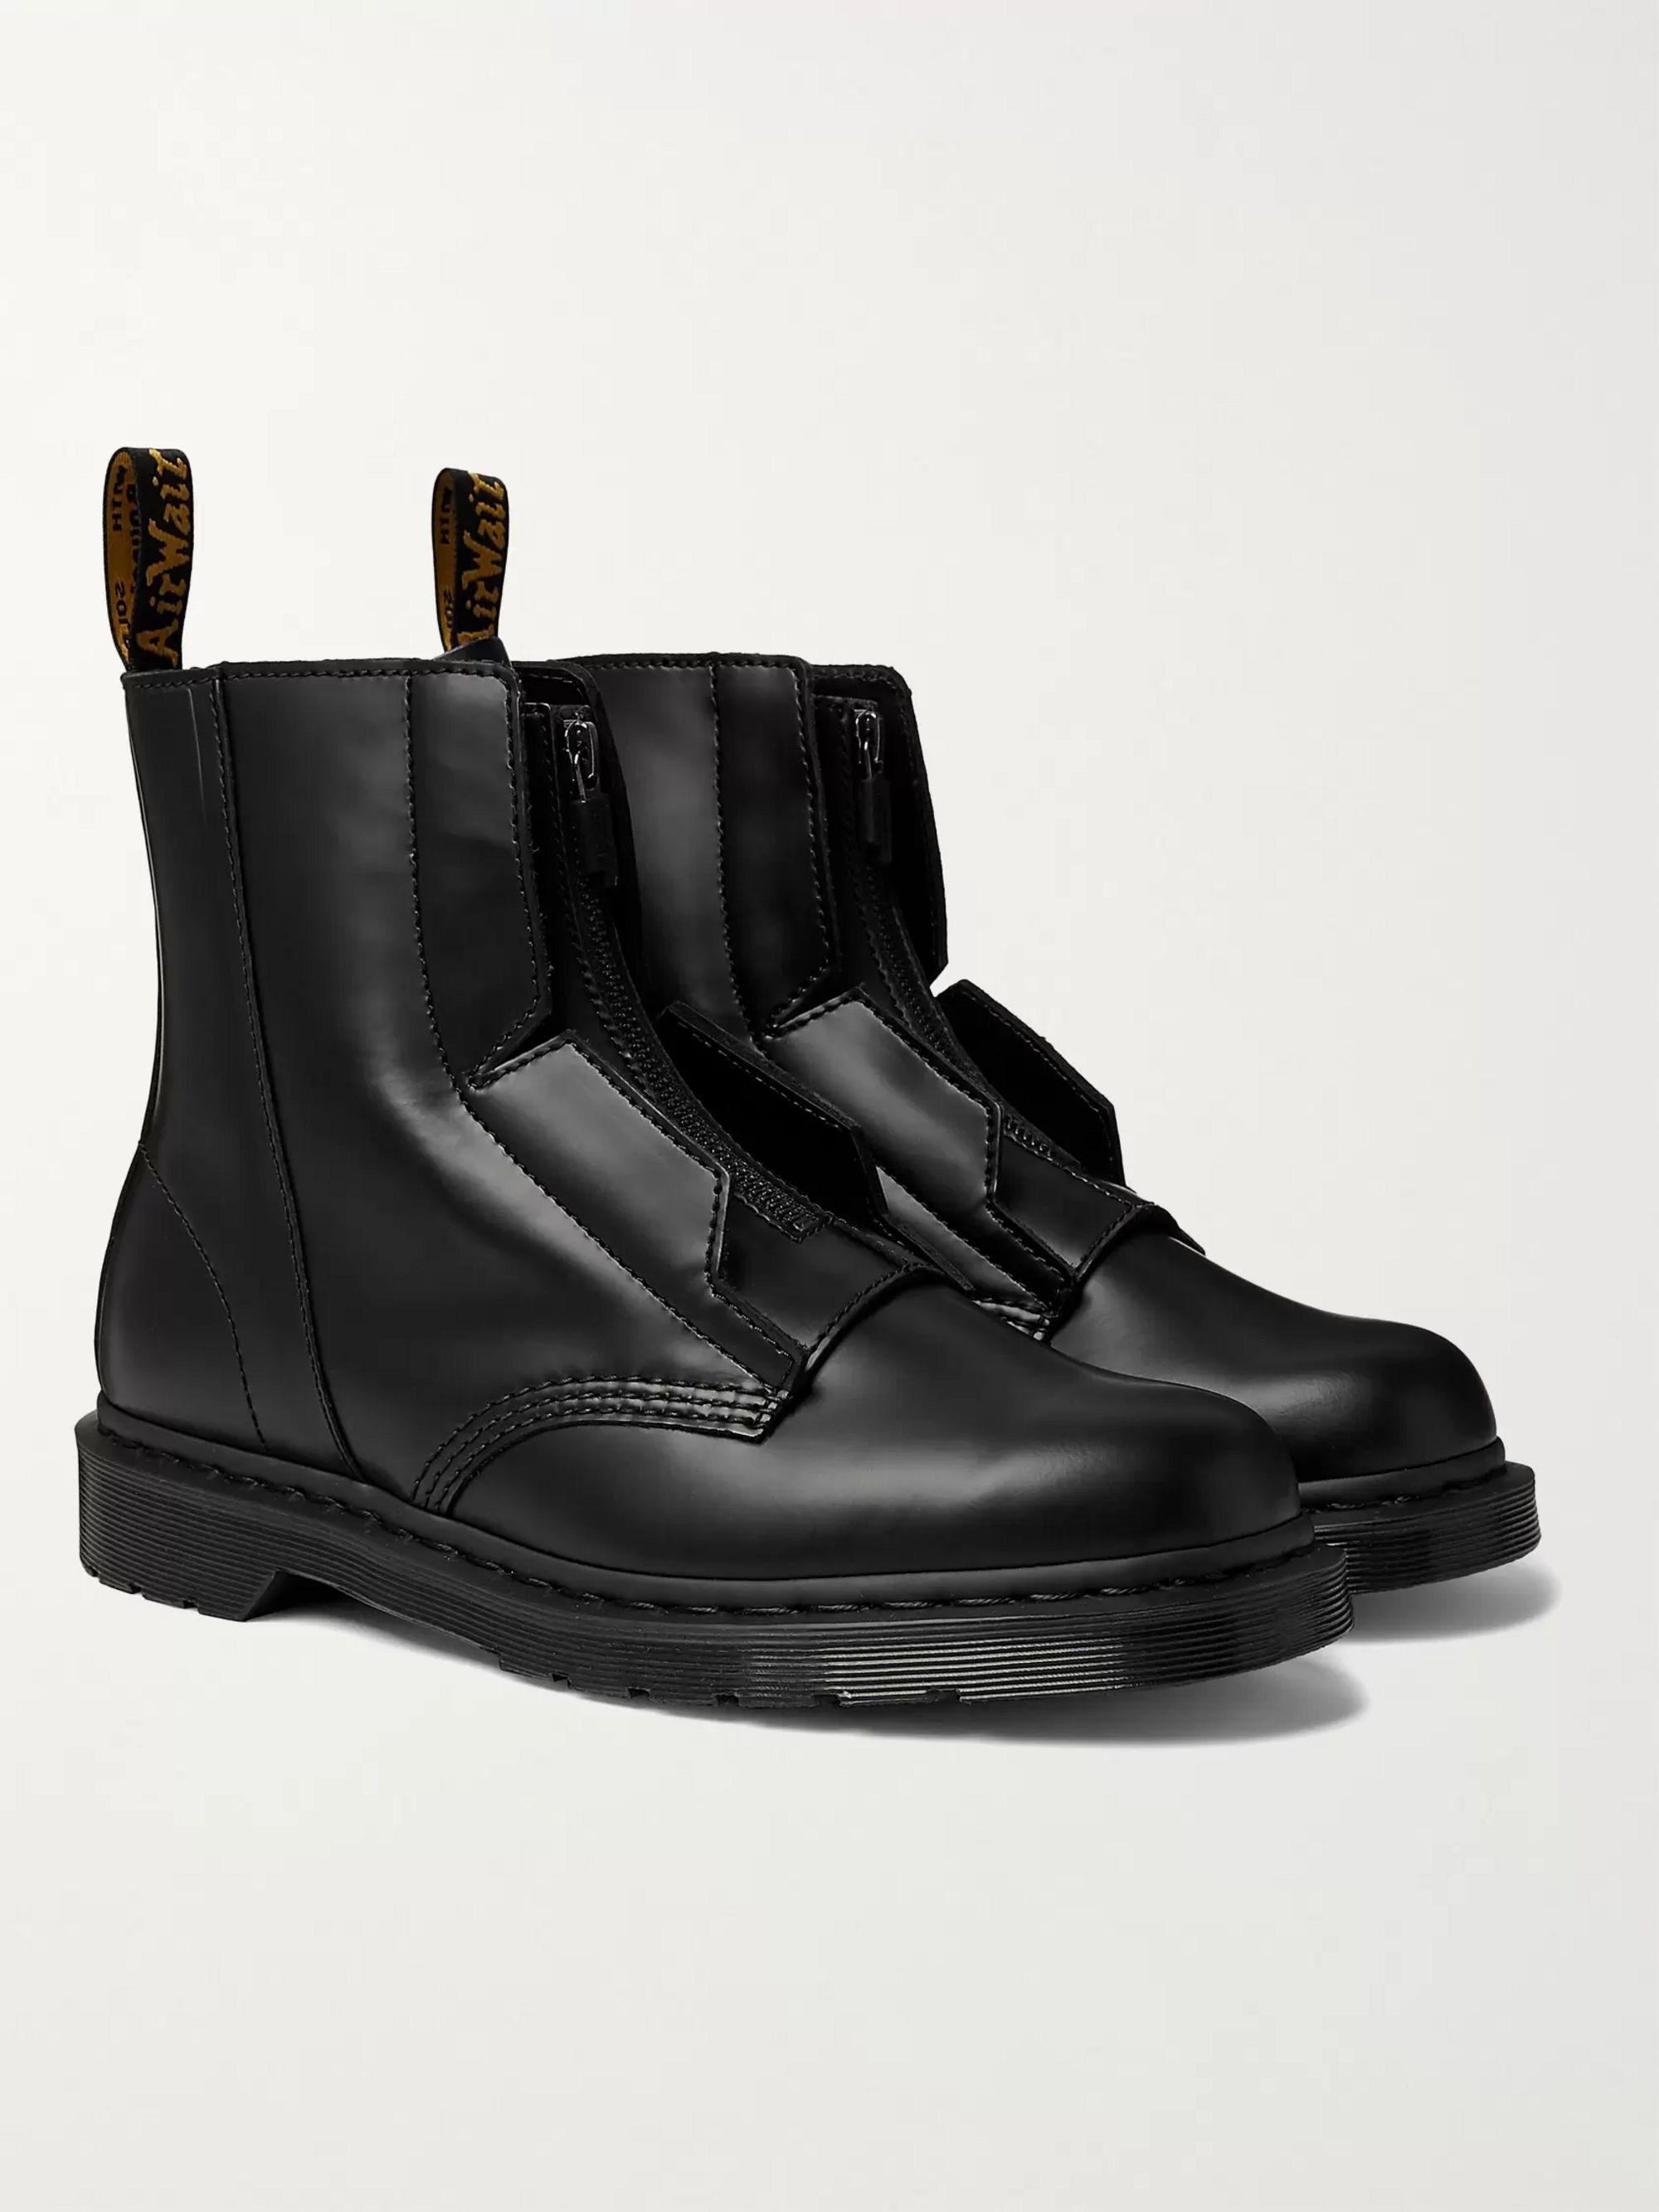 Dr Martens | Shoe boots, Boots, Sock shoes